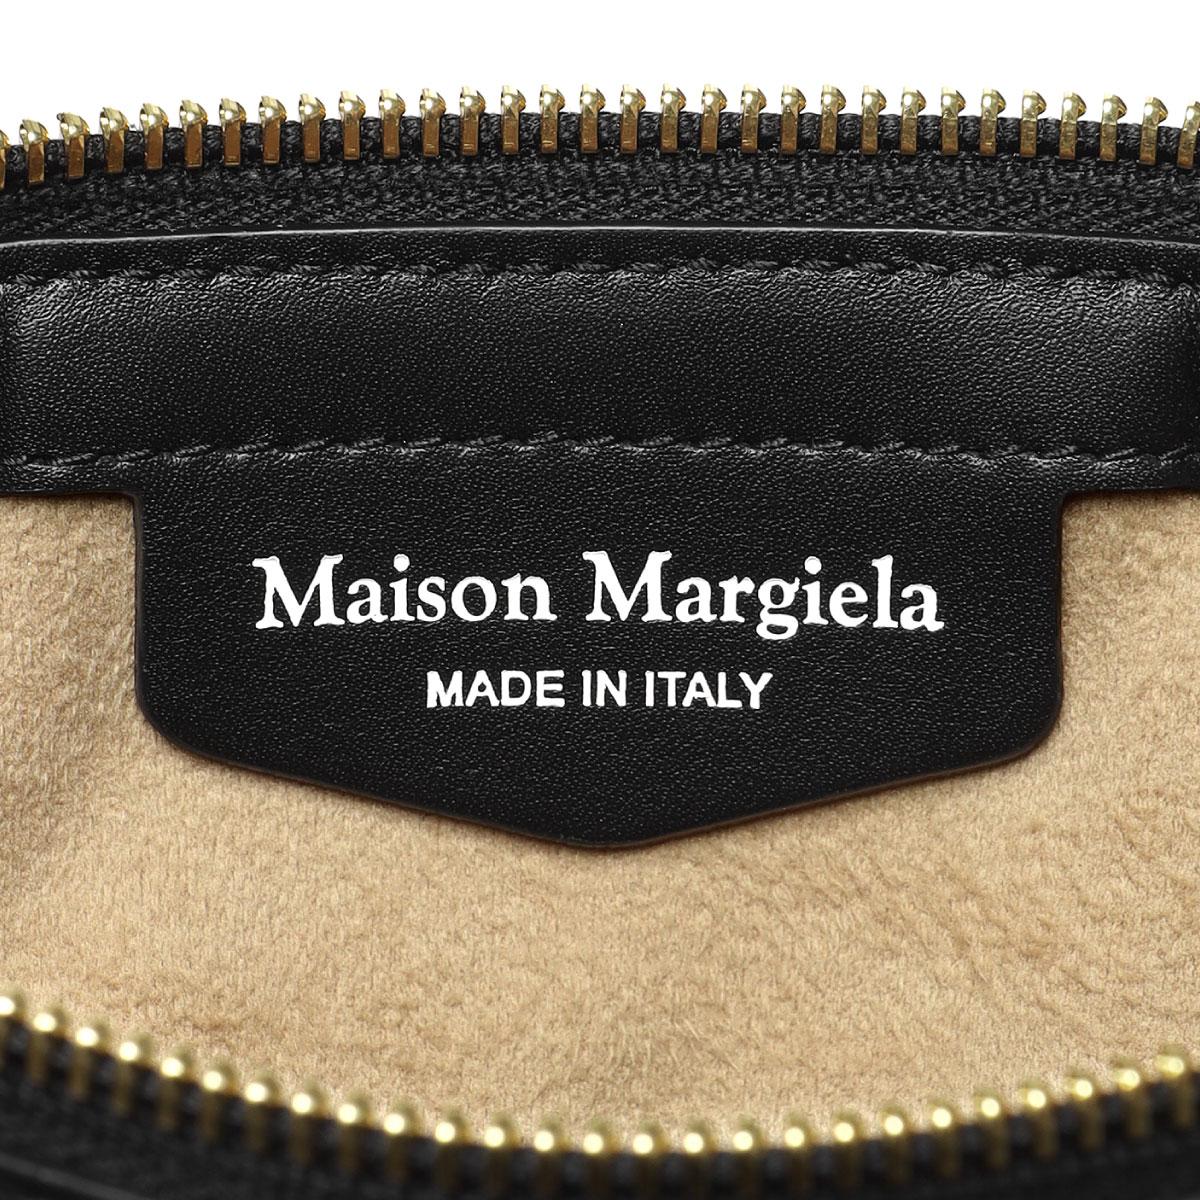 MAISON MARGIELA メゾン マルジェラ   ライン11 ショルダー付 ハンドバッグ ミニ   5AC ファイブエーシー